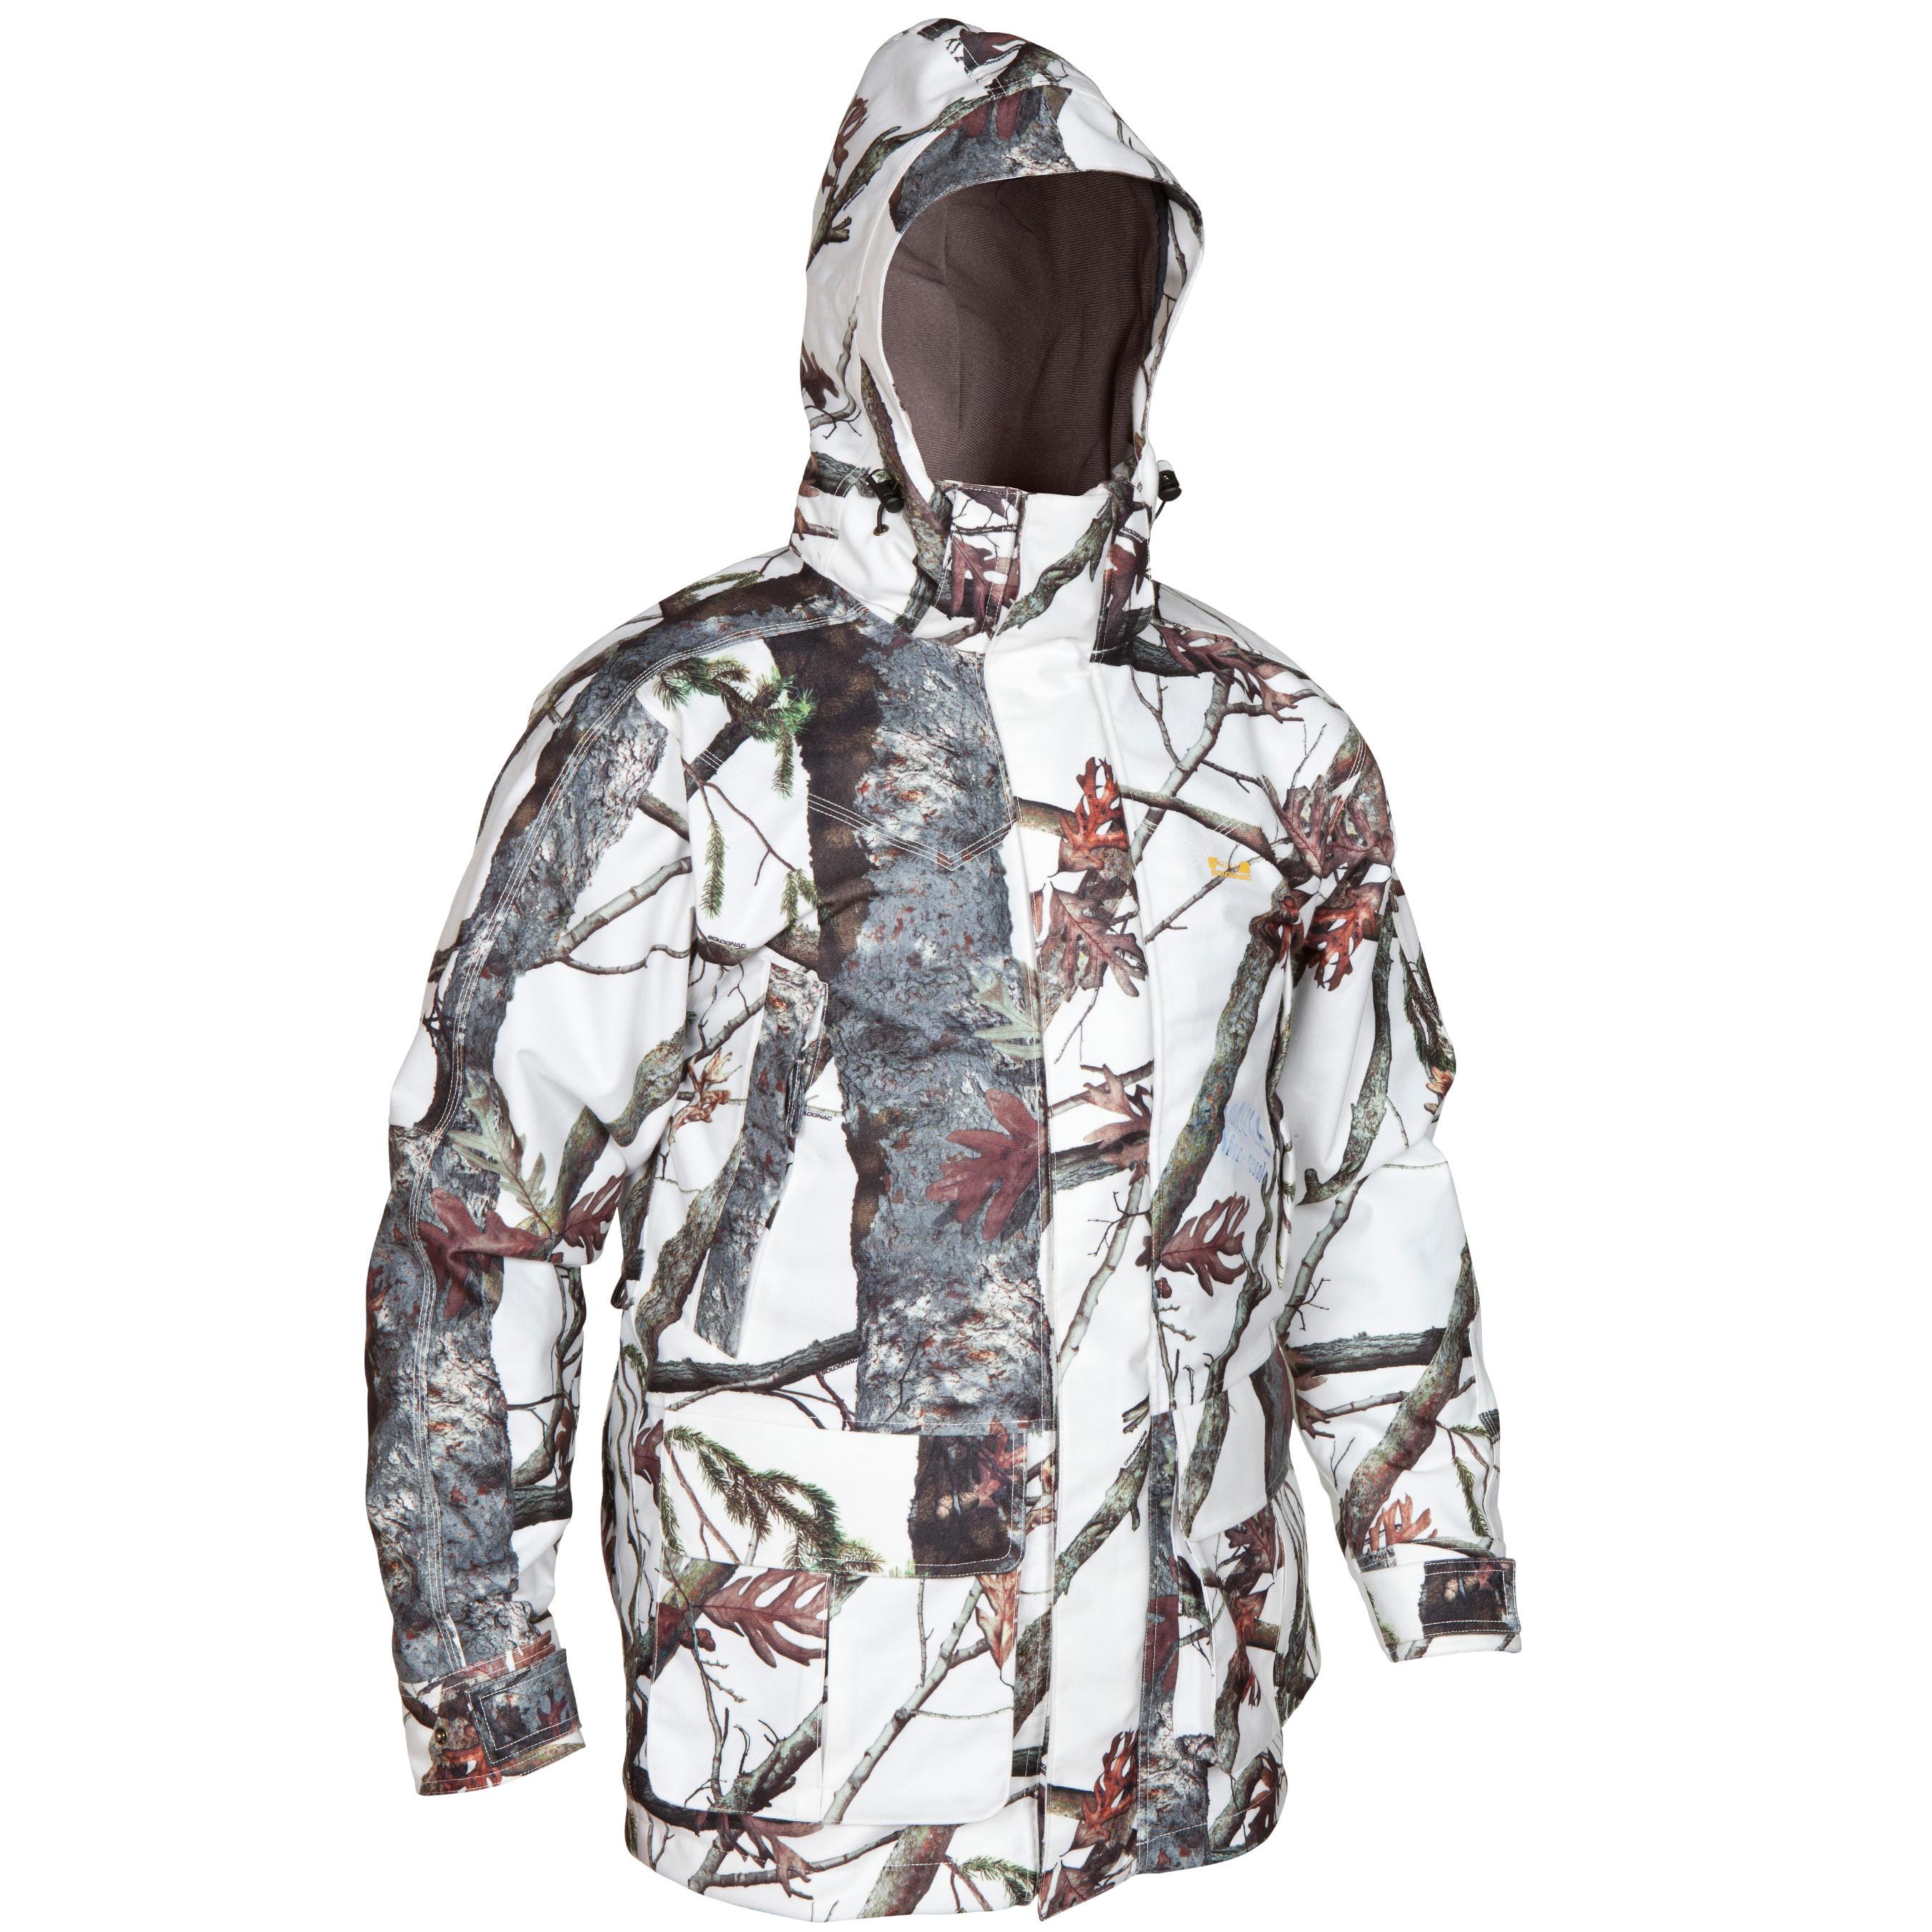 Jachetă impermeabilă 3 în 1 la Reducere poza